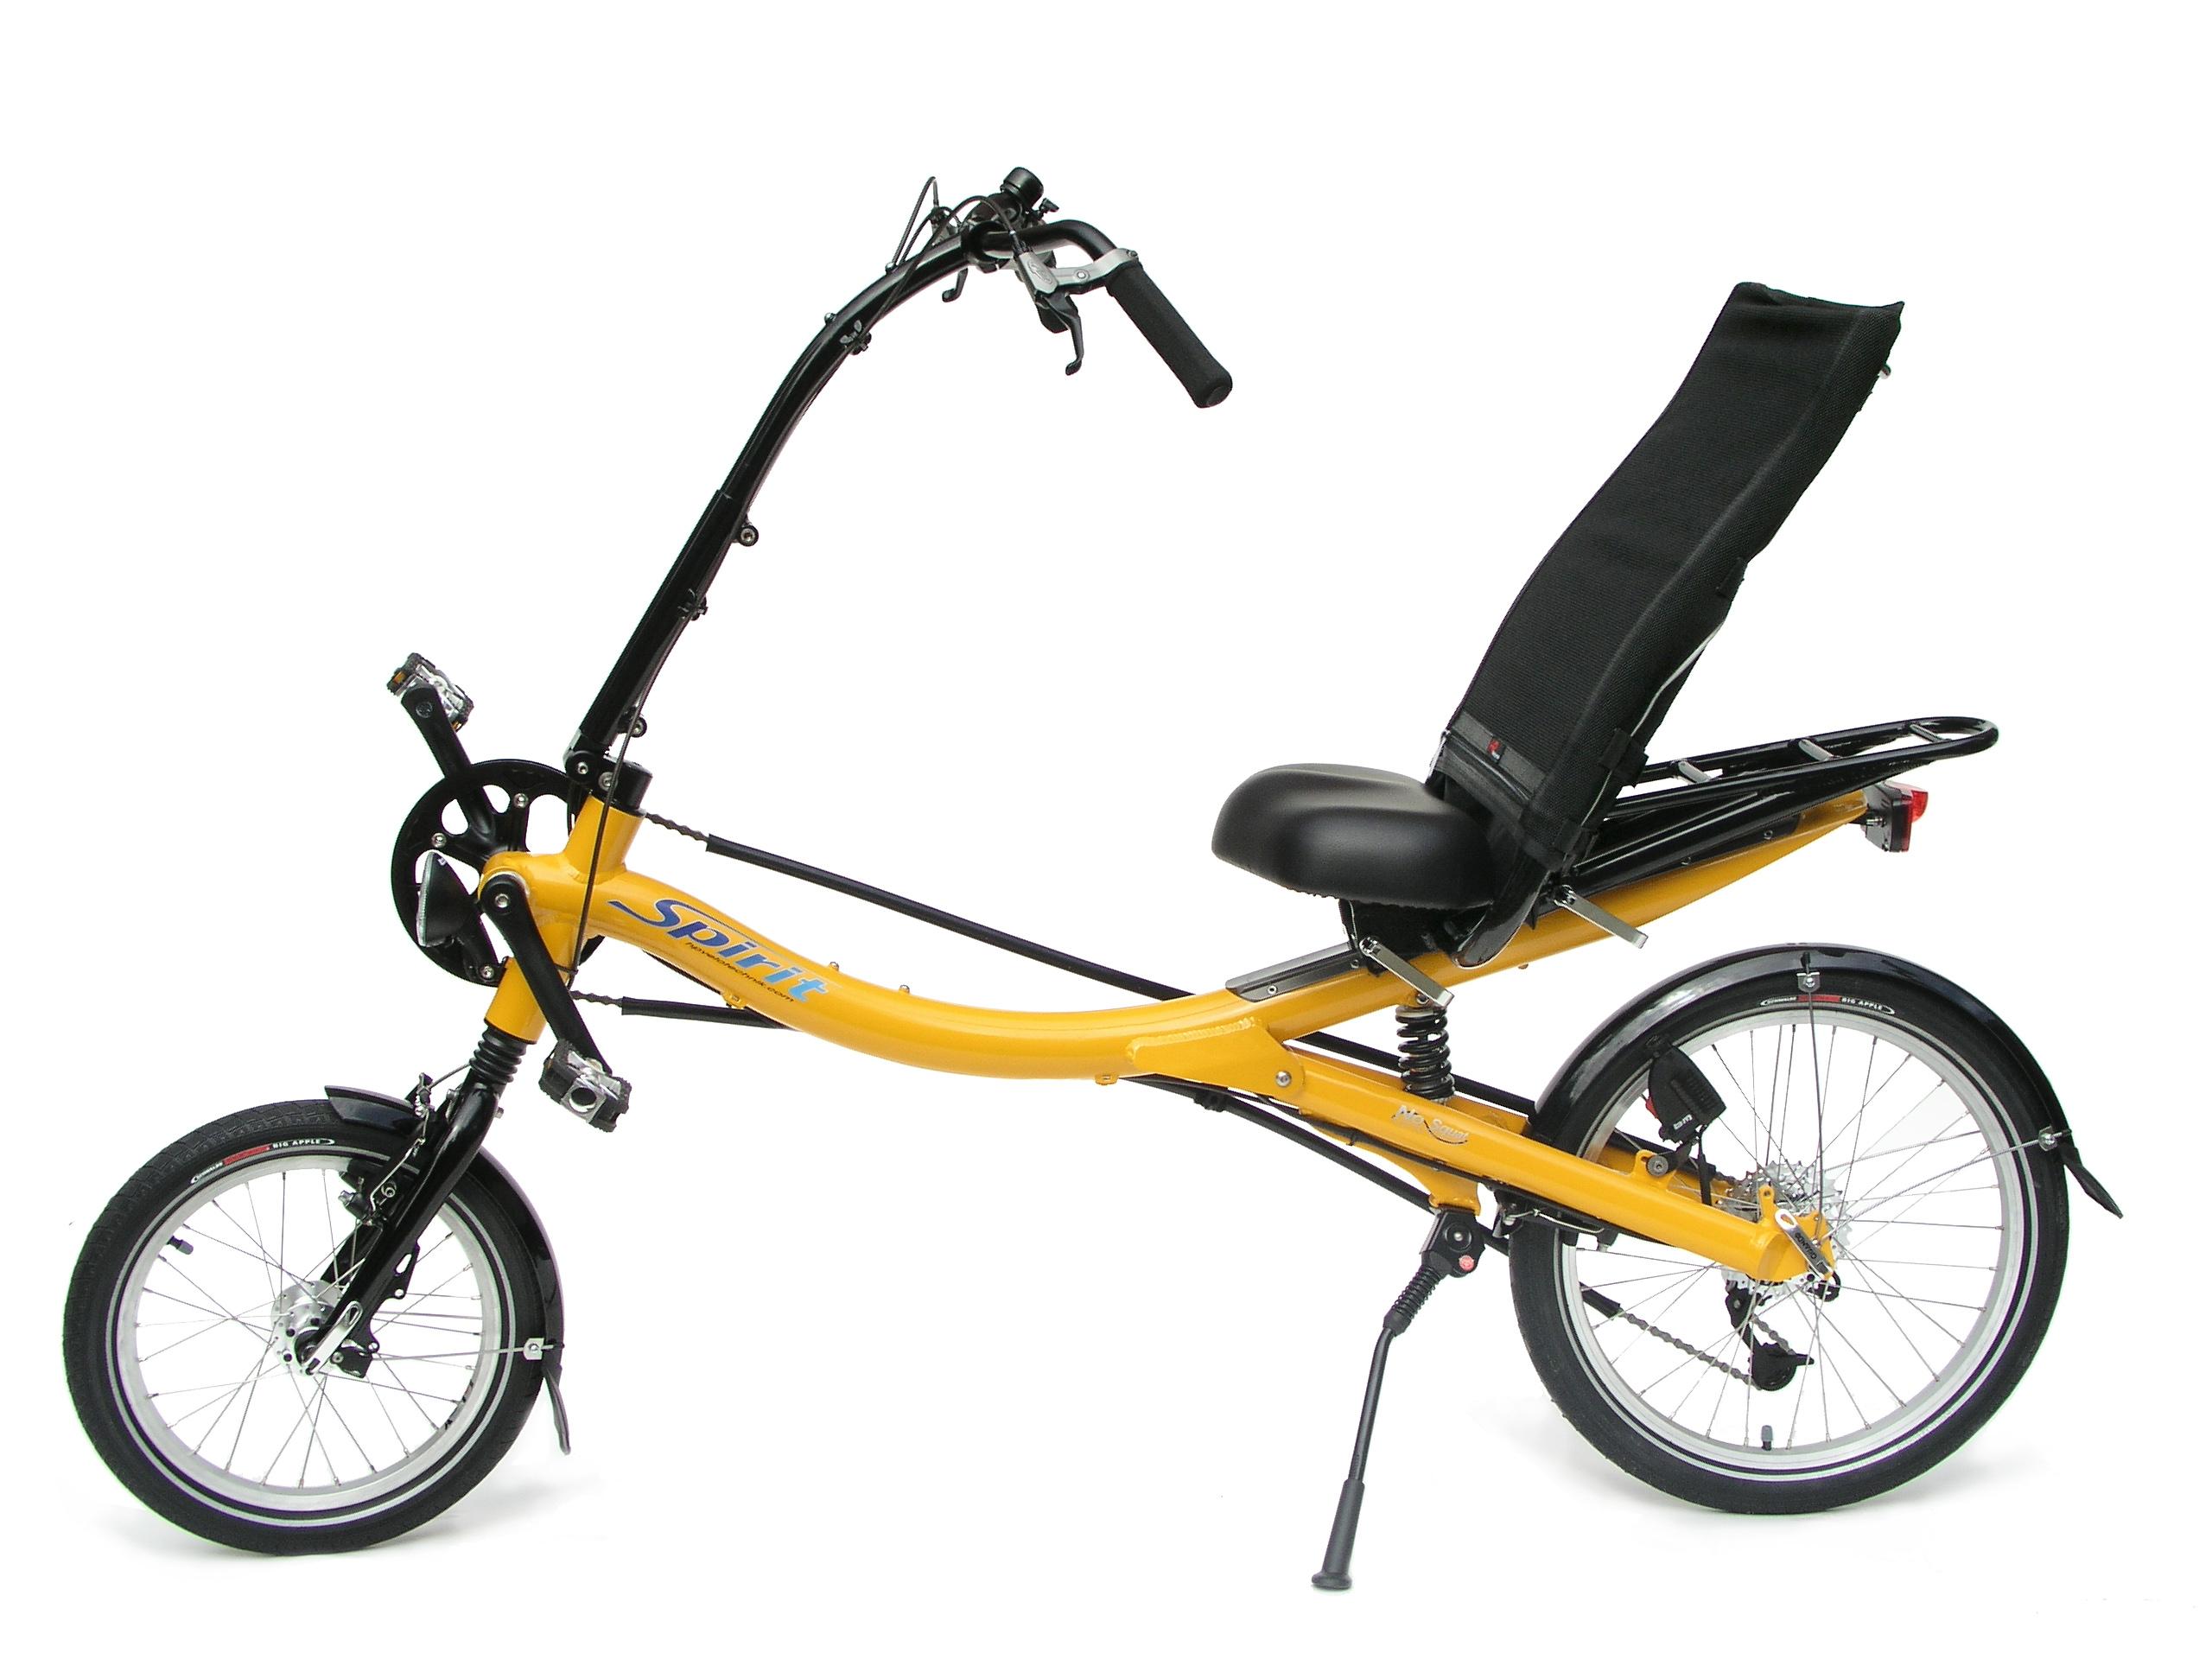 Spirit in der Modellversion vor 2009 mit kleinem Vorderrad (Bild: HP Velotechnik)